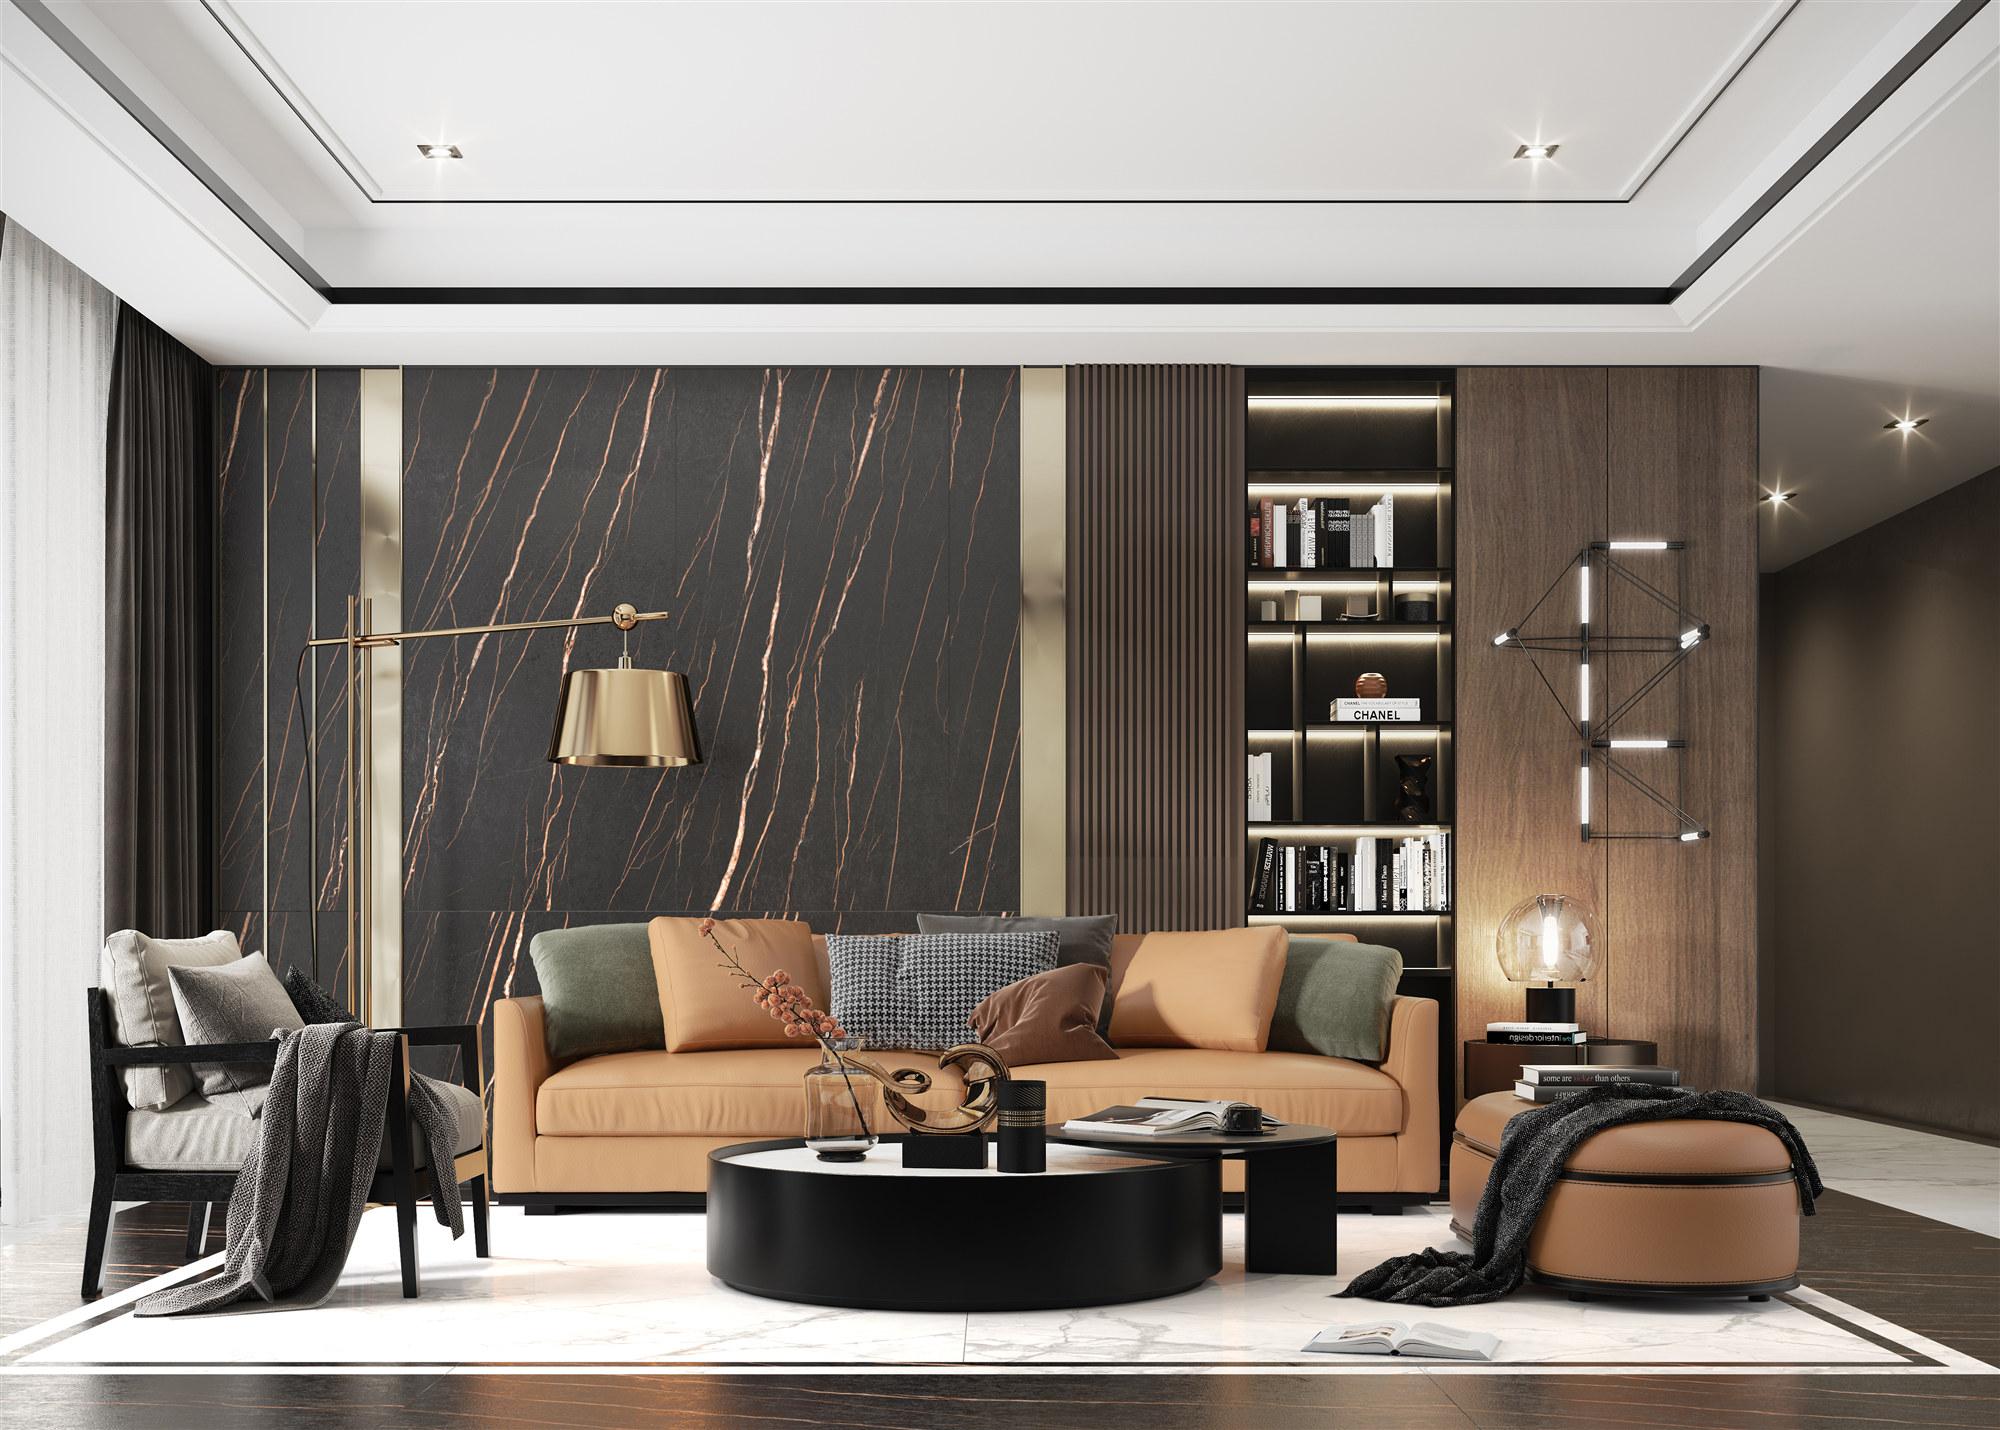 金牌亚洲磁砖|大岩板•大饰界